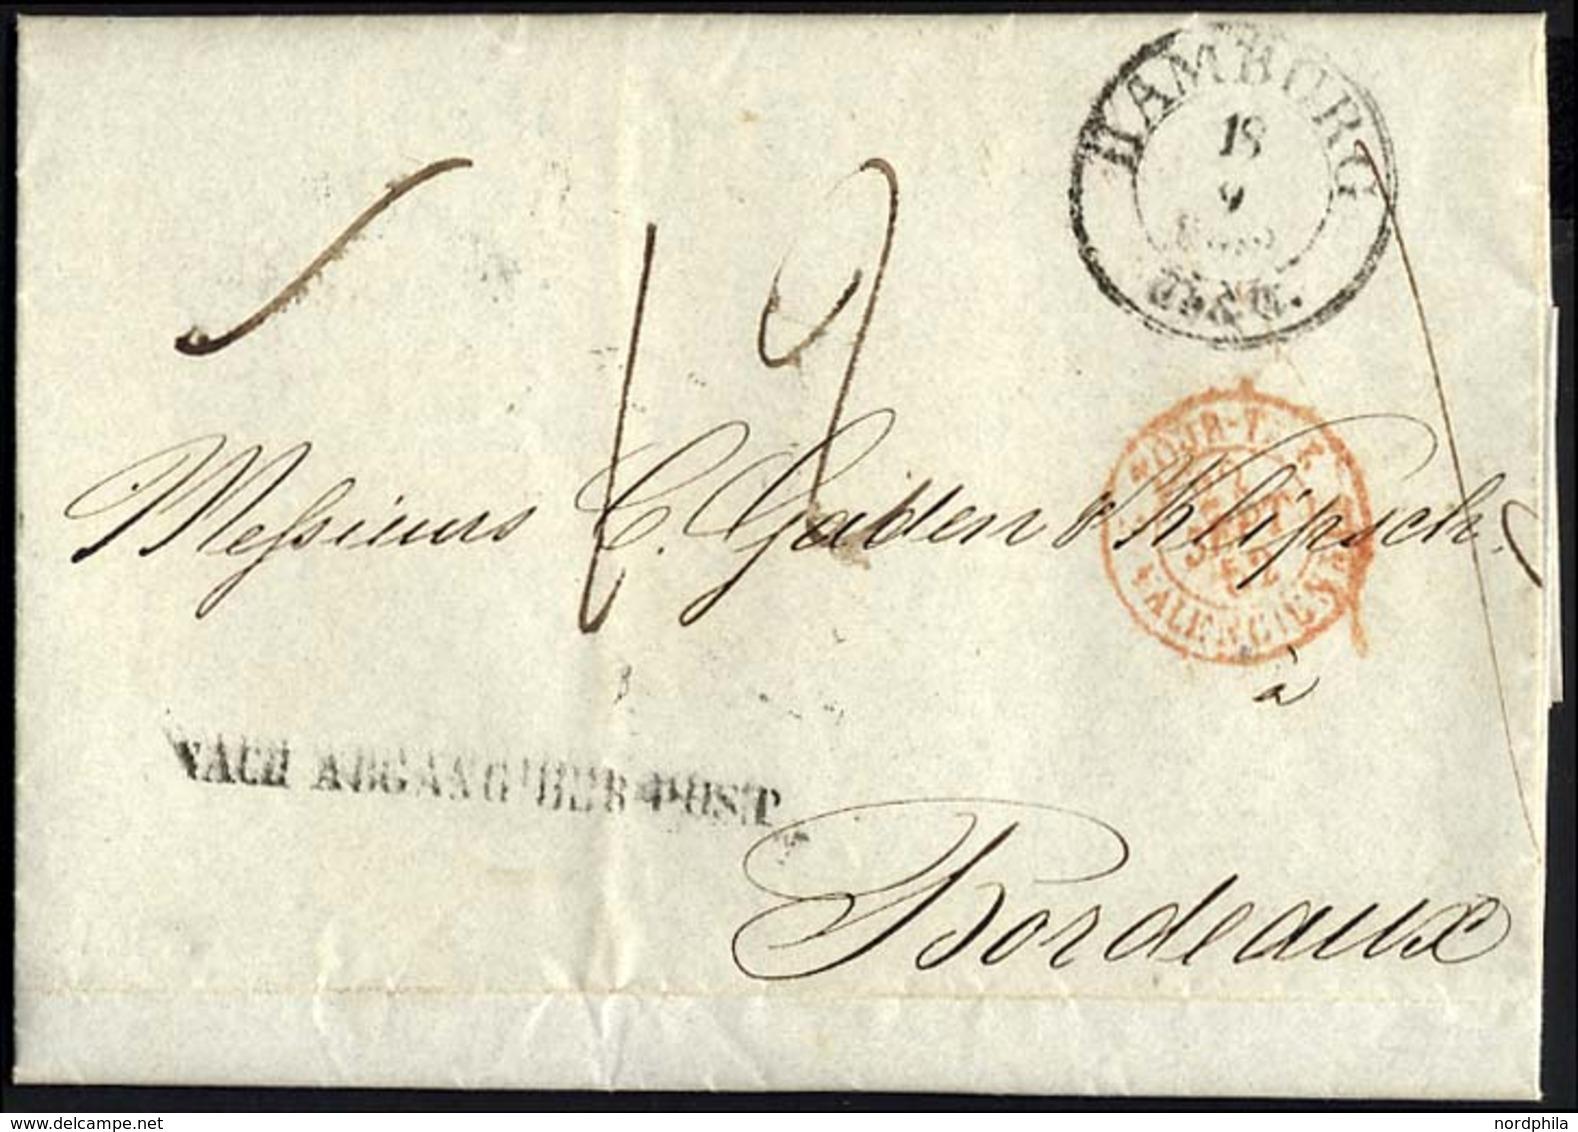 HAMBURG - THURN UND TAXISCHES O.P.A. 1852, HAMBURG Th.& T., K3 Auf Brief Nach Bordeaux, L1 NACH ABGANG DER POST, Pracht - Thurn And Taxis